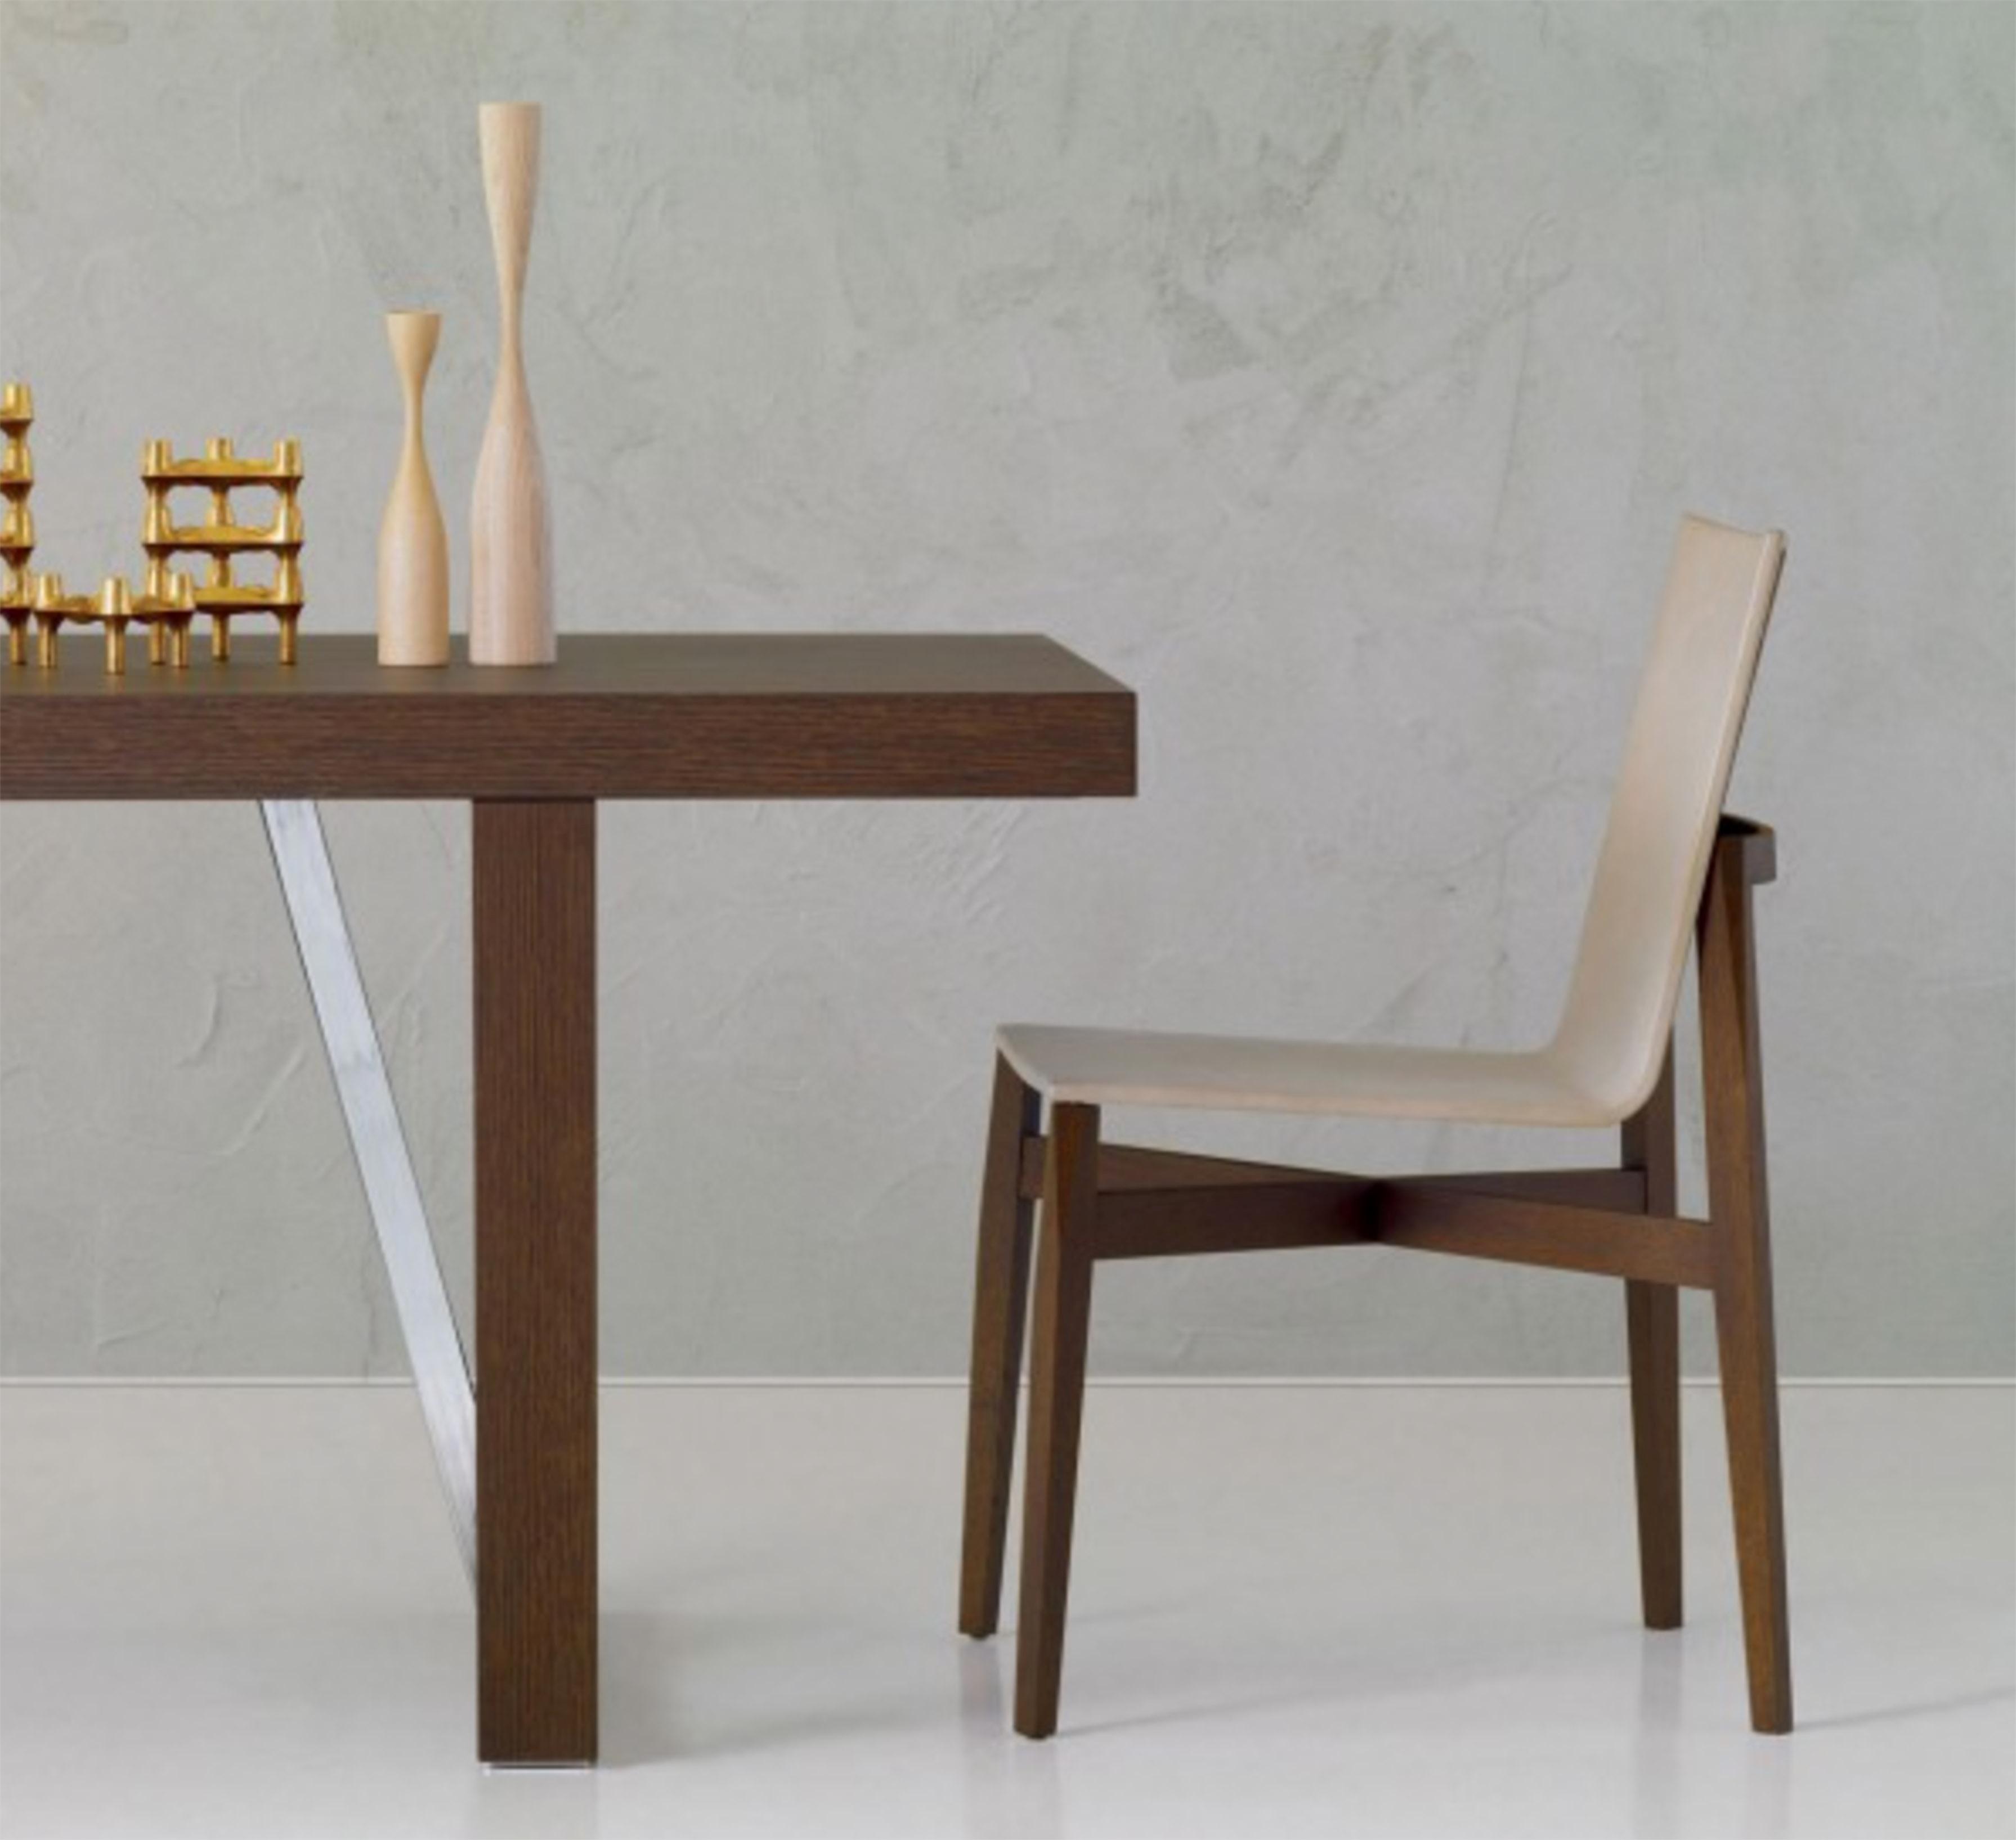 Sedia molteni design rodolfo dordoni in legno rovere scuro for Sedie pelle e legno